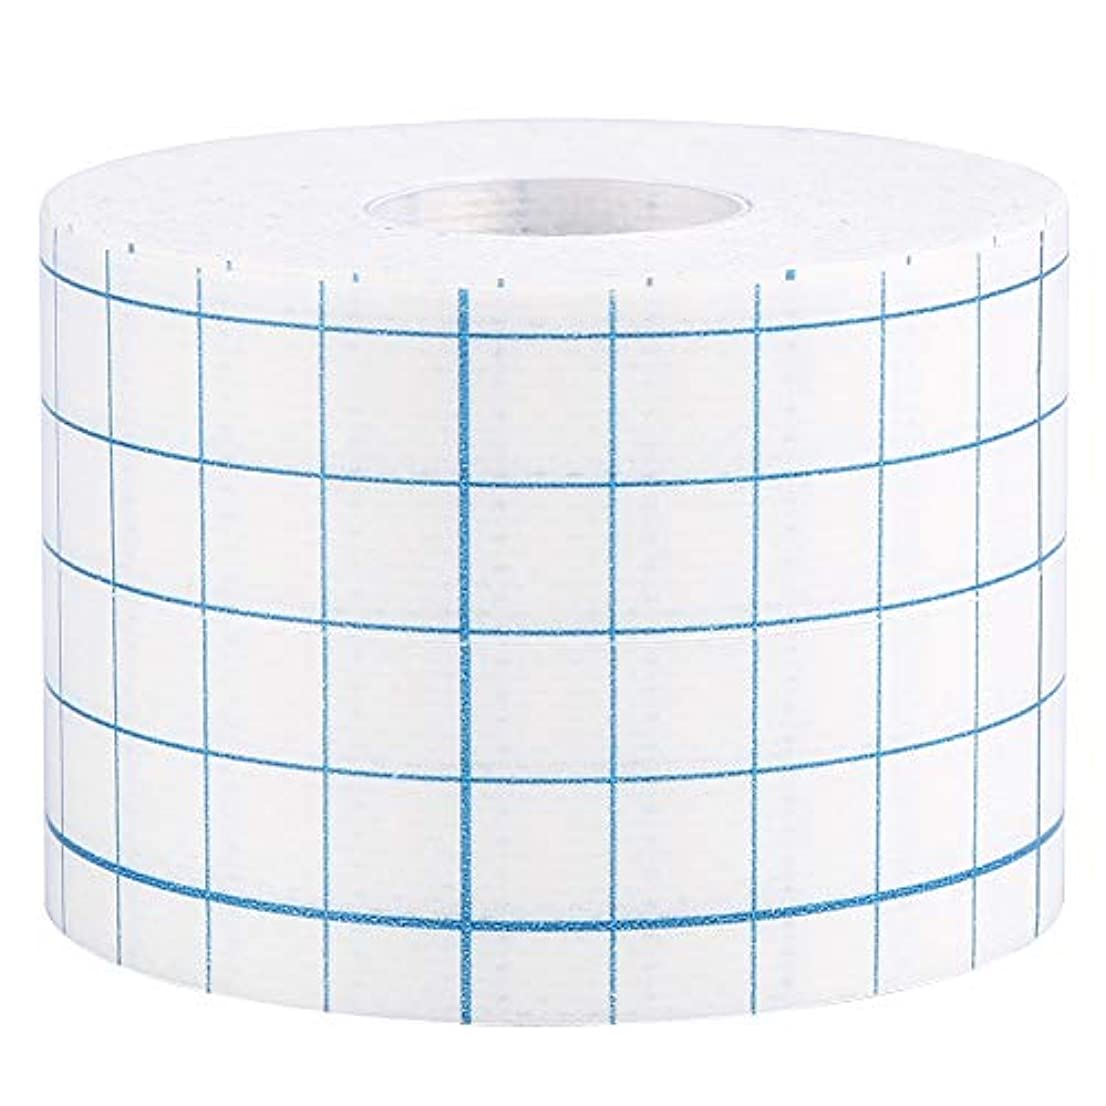 徐々に気絶させる想定3サイズ1ロールプロフェッショナル不織布接着創傷ドレッシング医療用固定テープ包帯(5cm x 10m)